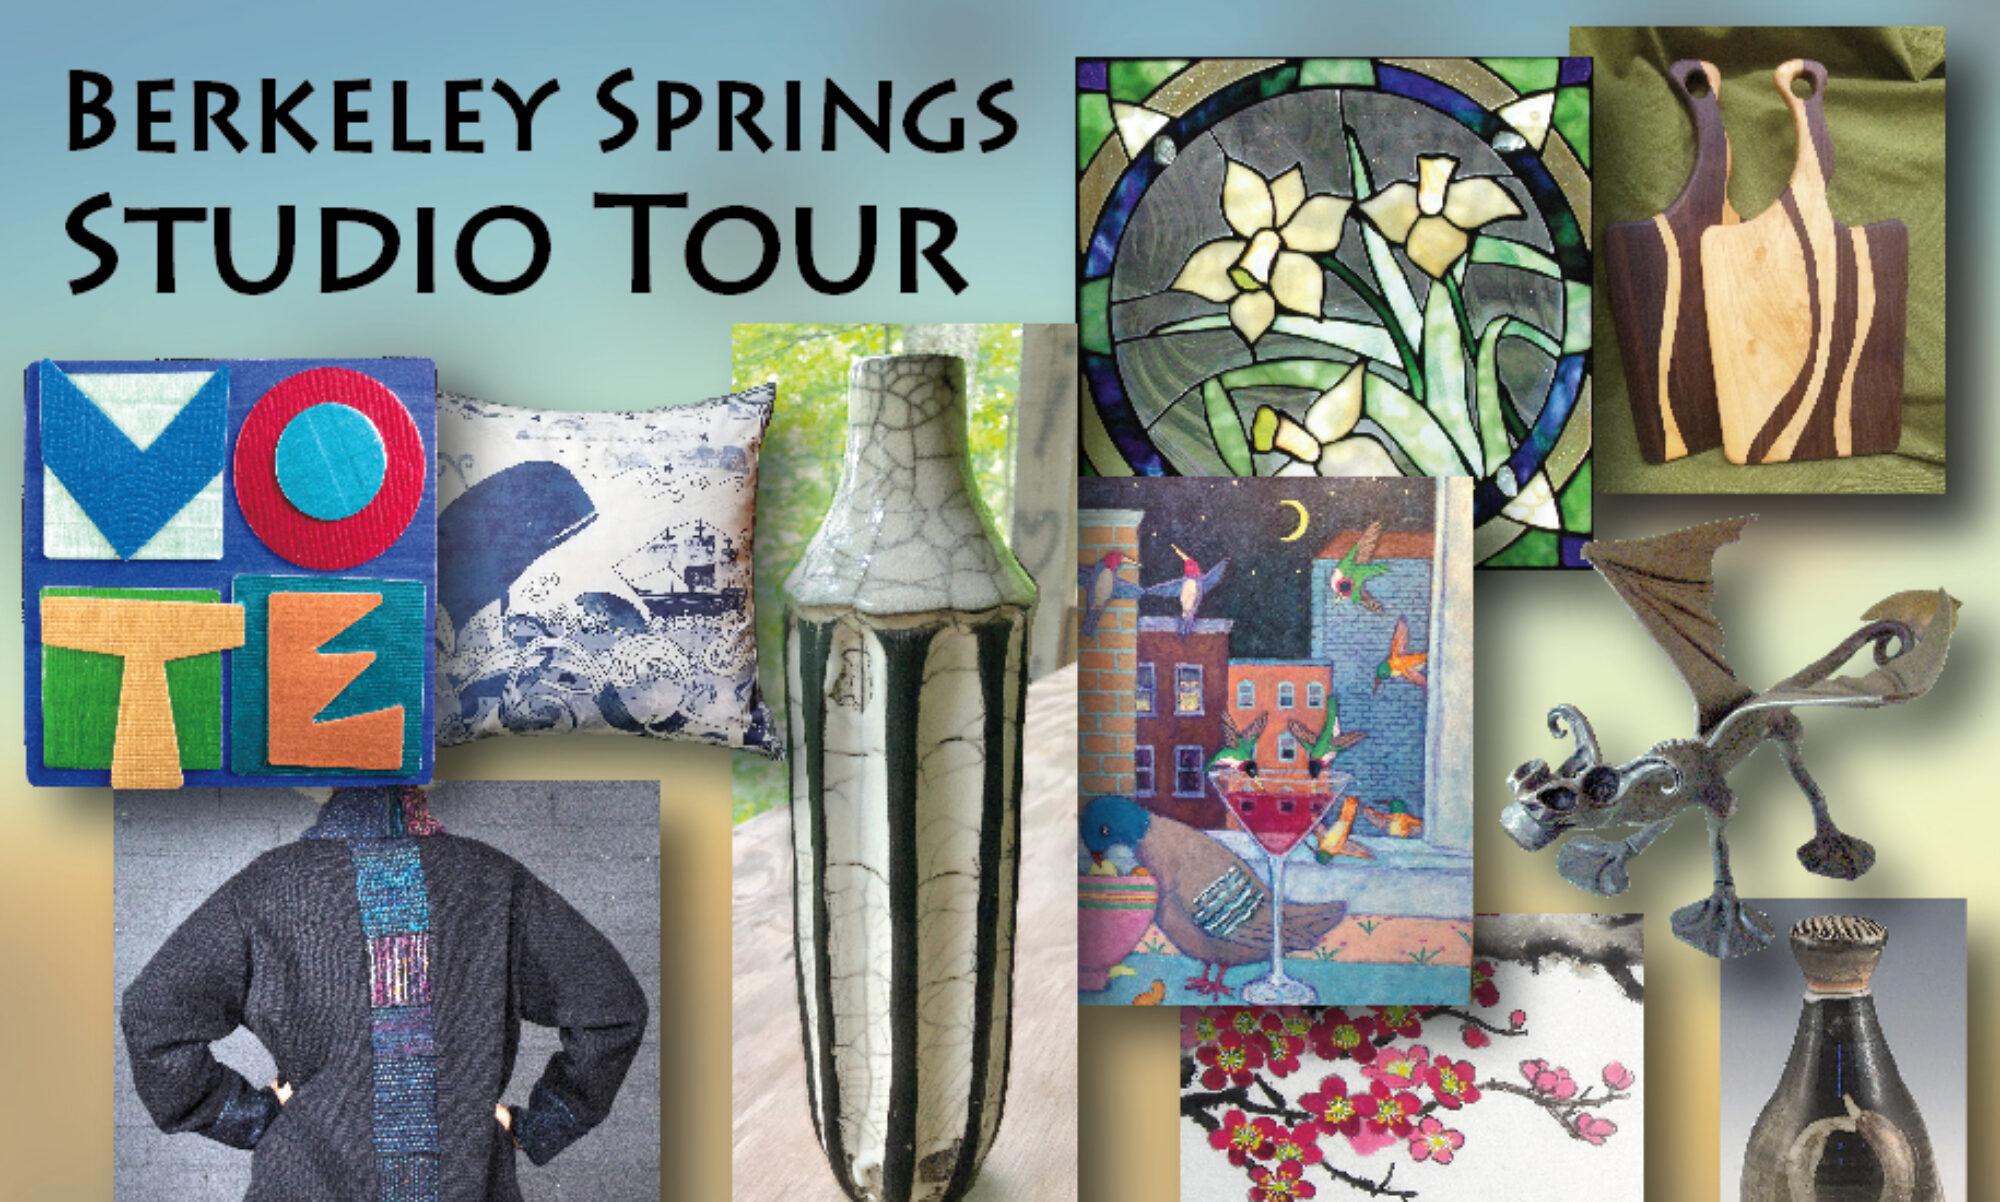 Berkeley Springs Studio Tour